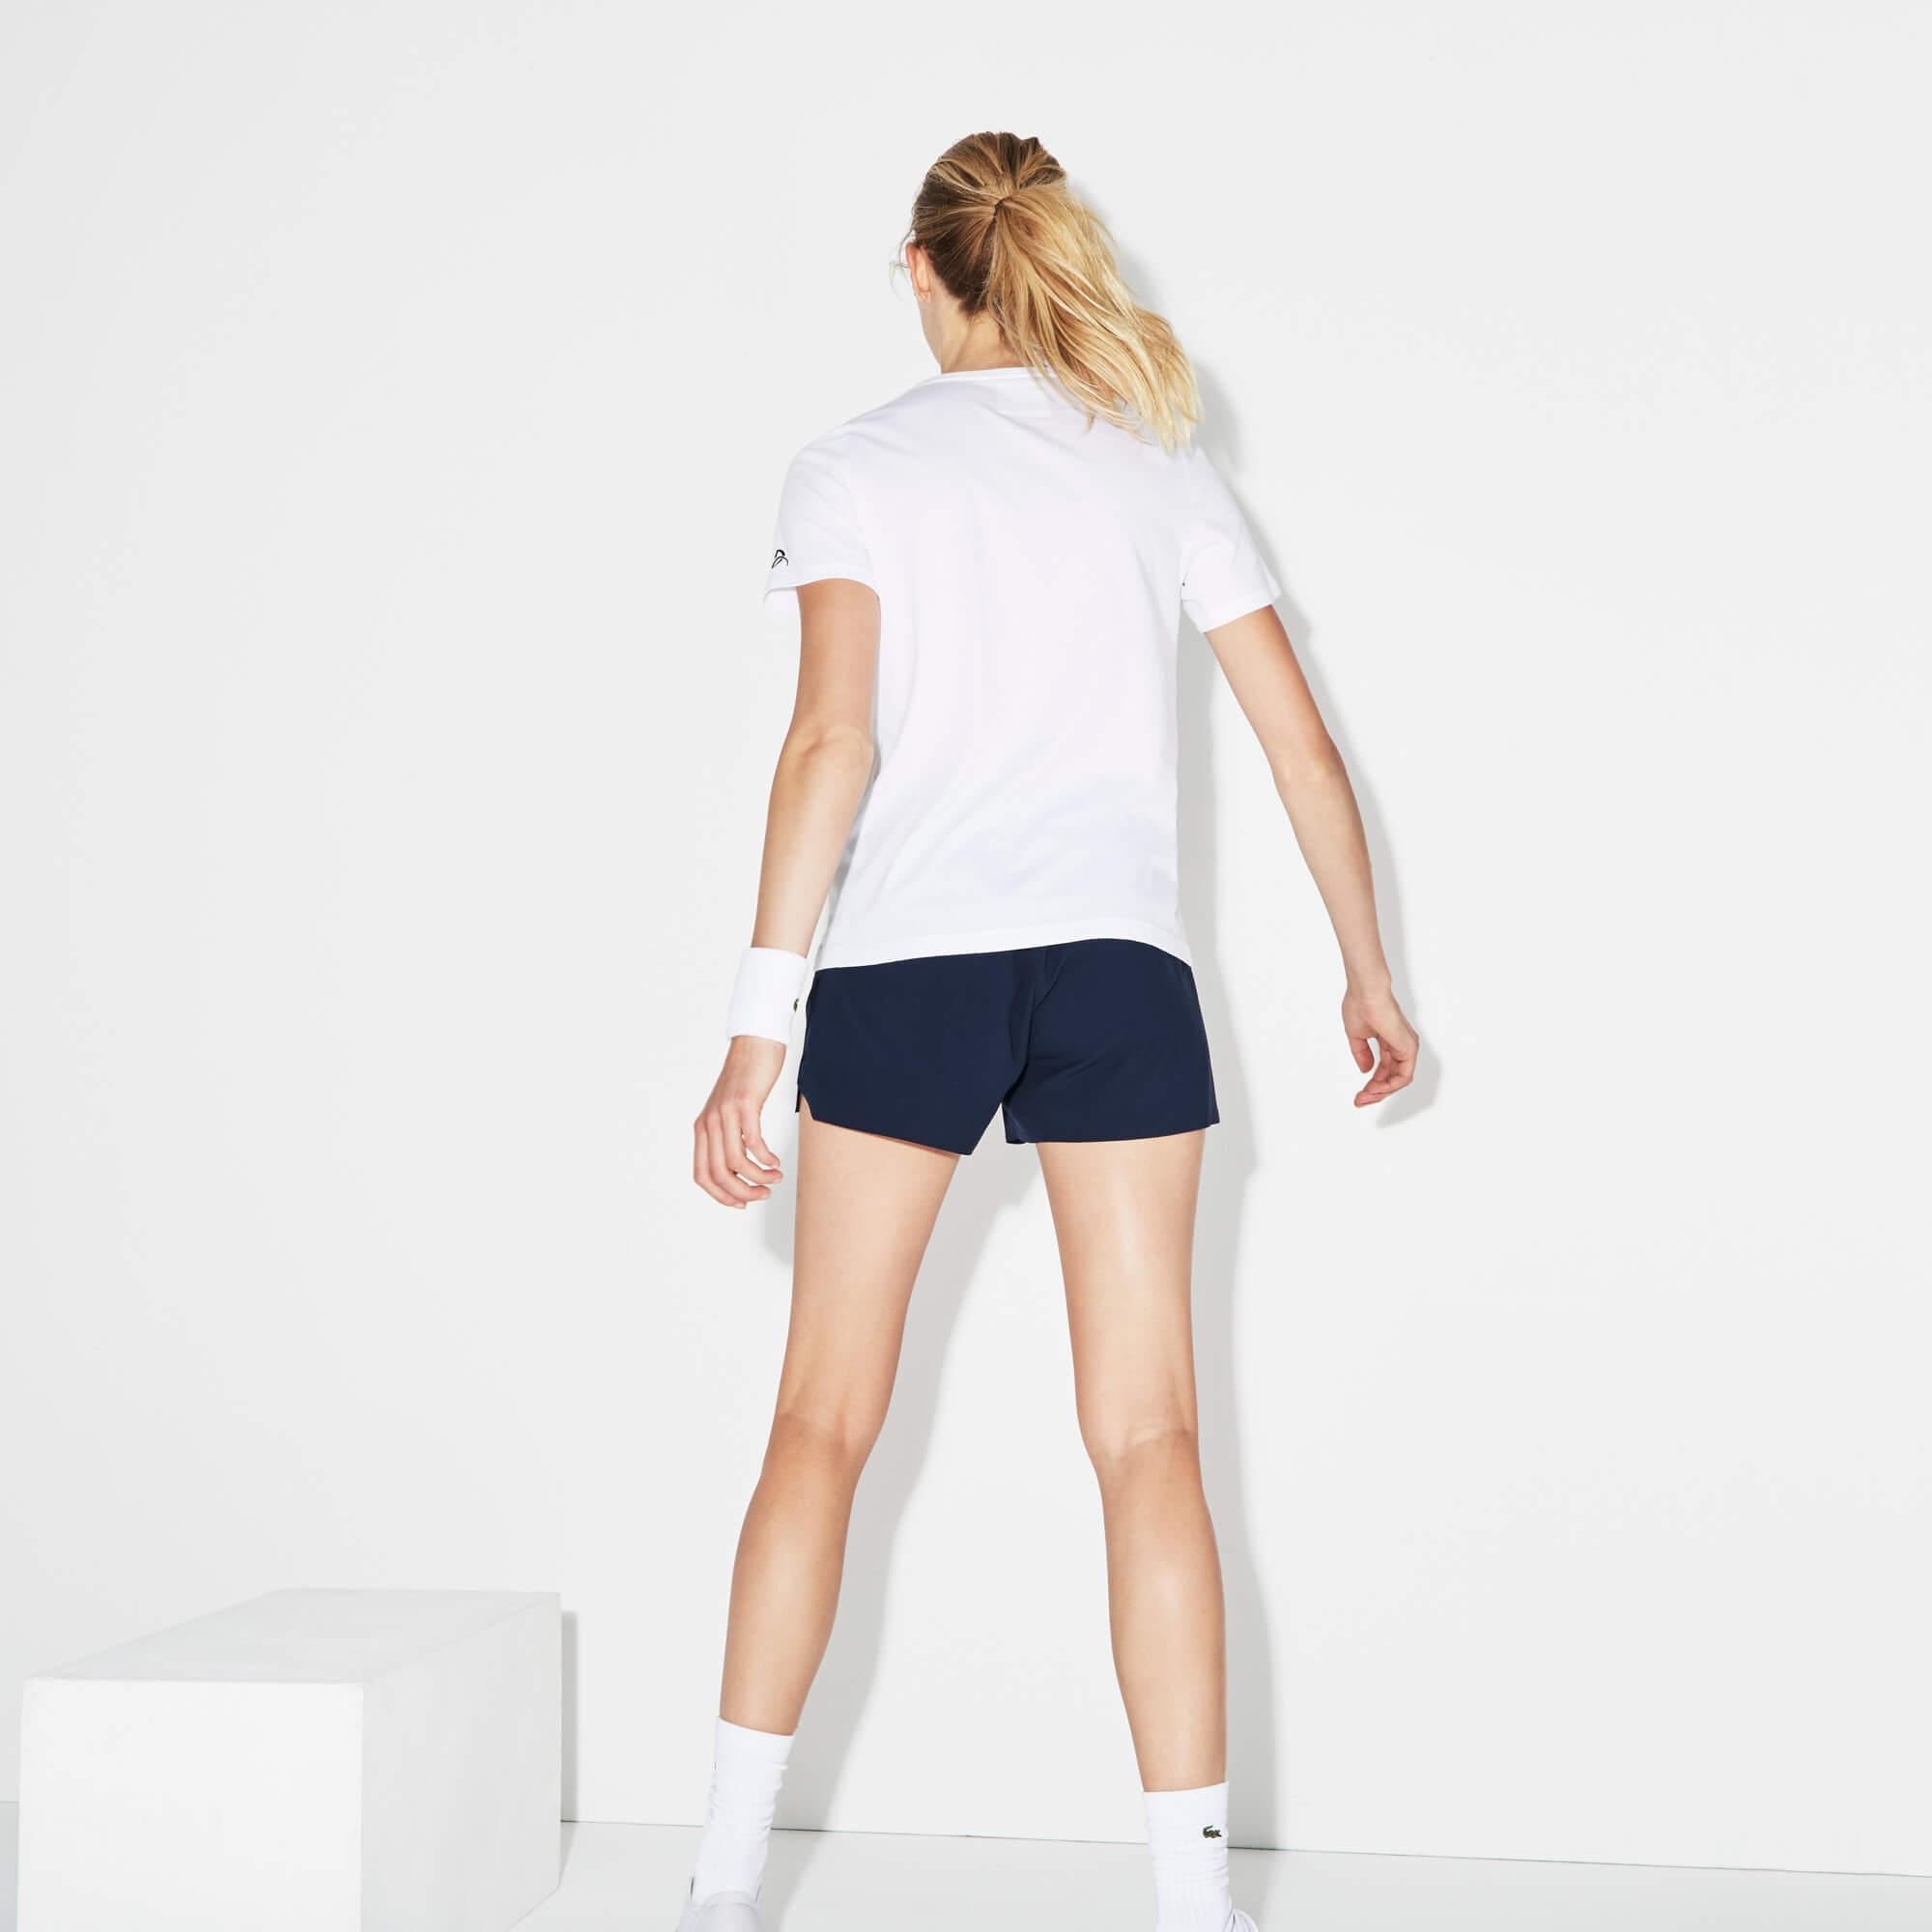 Lacoste Kadın Novak Djokovic Beyaz T-Shirt